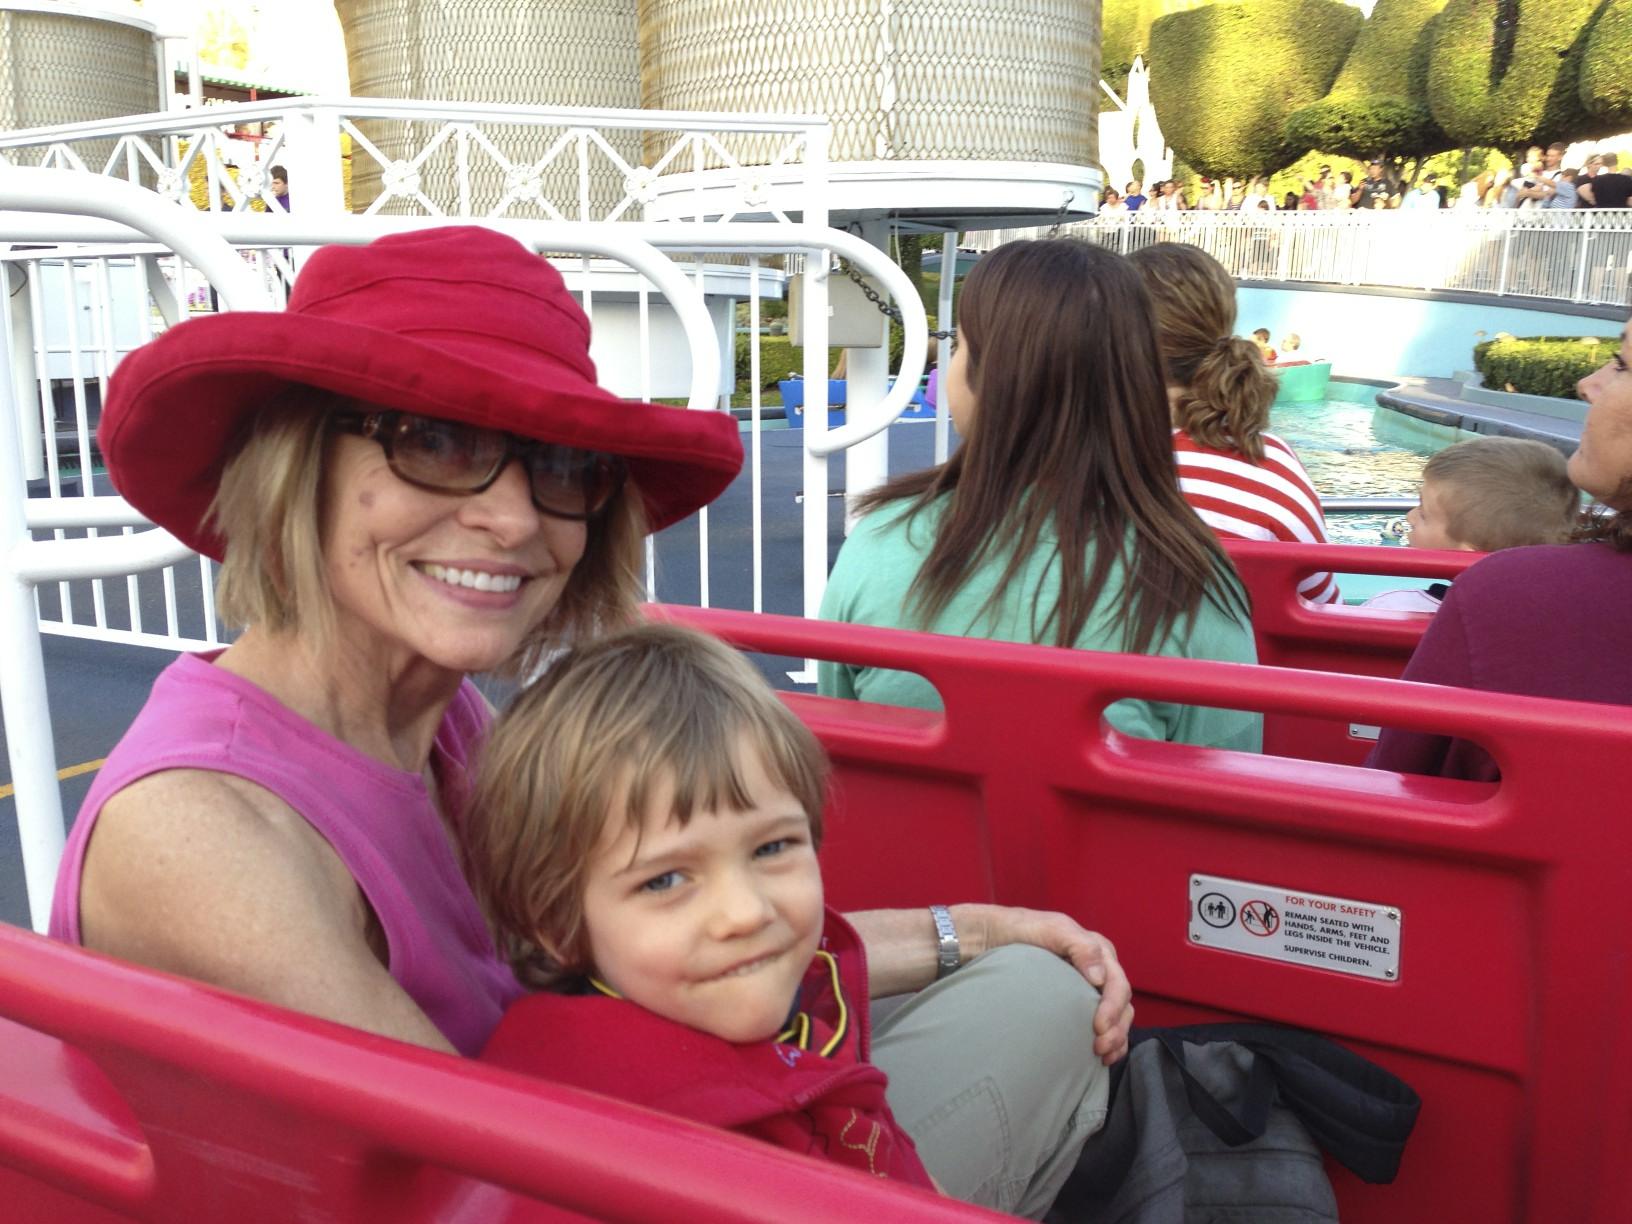 Carol and Mitch go to Disneyland!